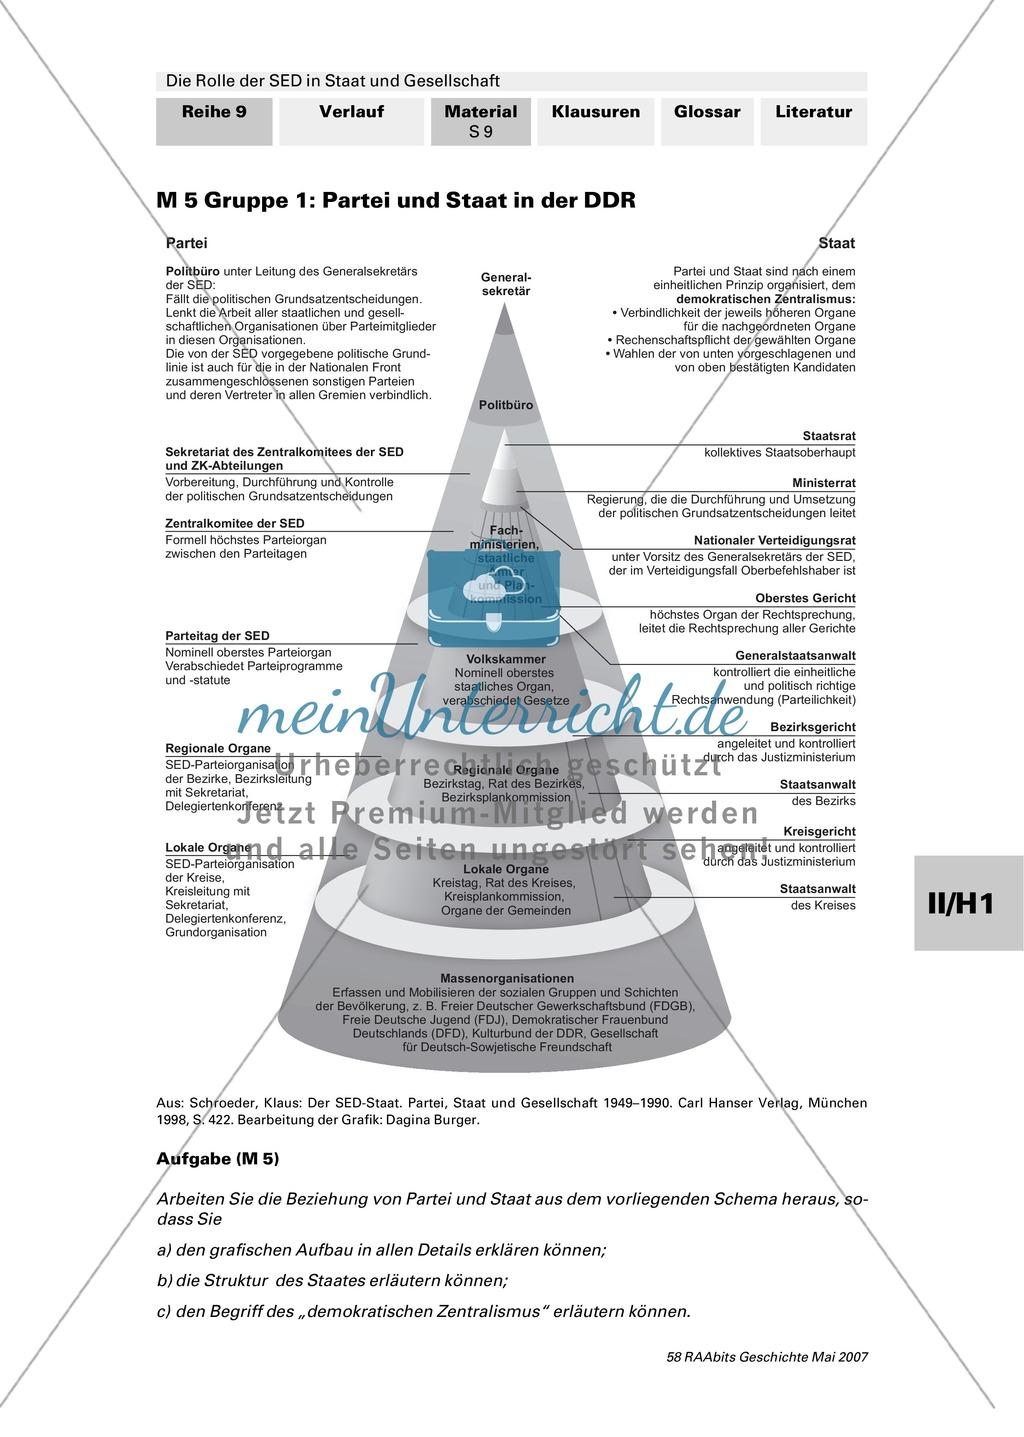 Die Rolle der SED im Staat: Anspruch auf die führende Rolle in allen Lebensbereichen. Klärung zentraler Begriffe Preview 2